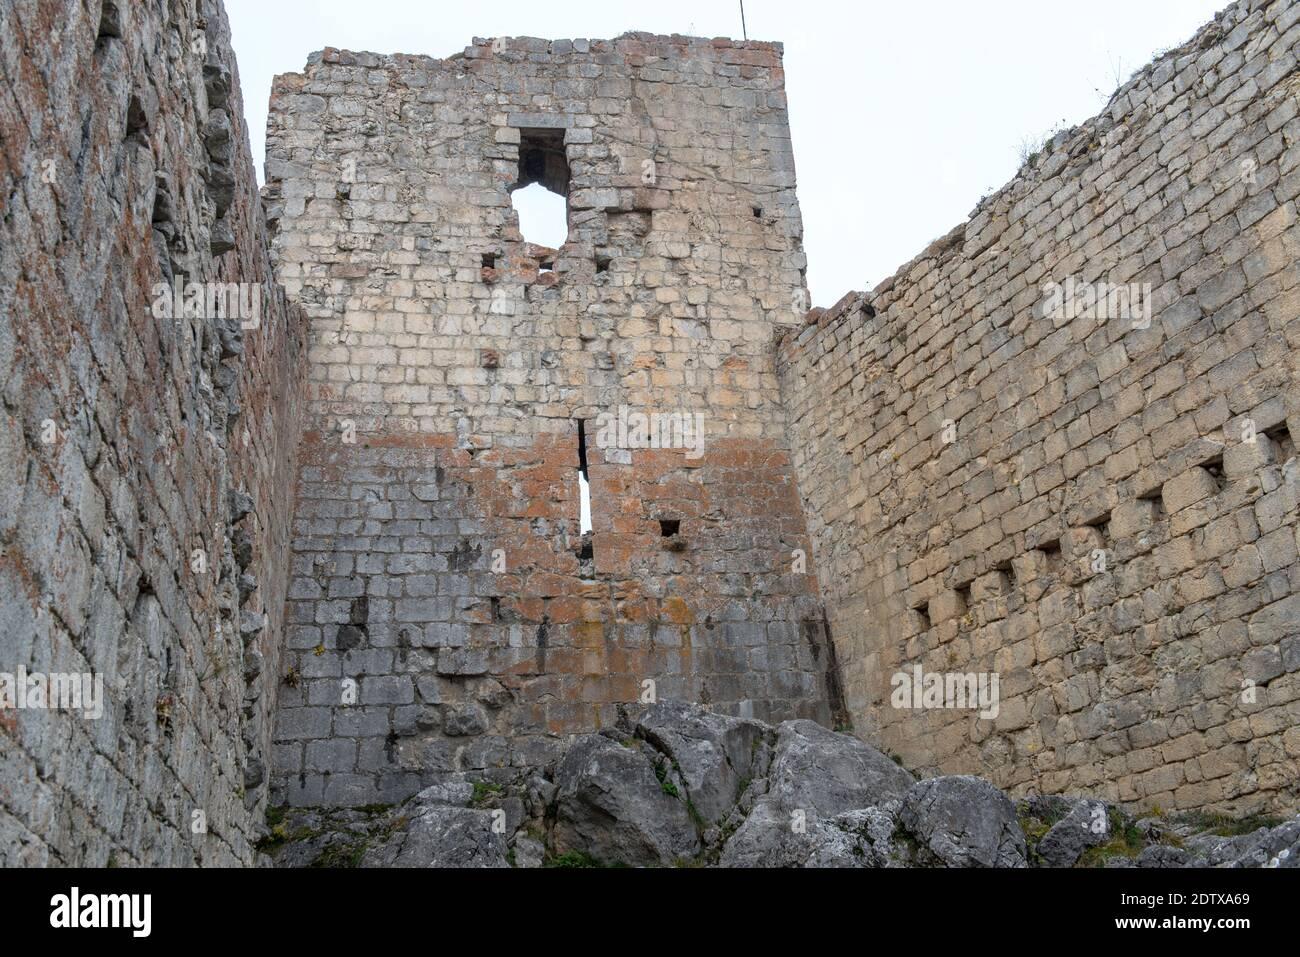 Cathar castillo de Montsegur en Ariege, Occitanie en el sur de Francia. Foto de stock